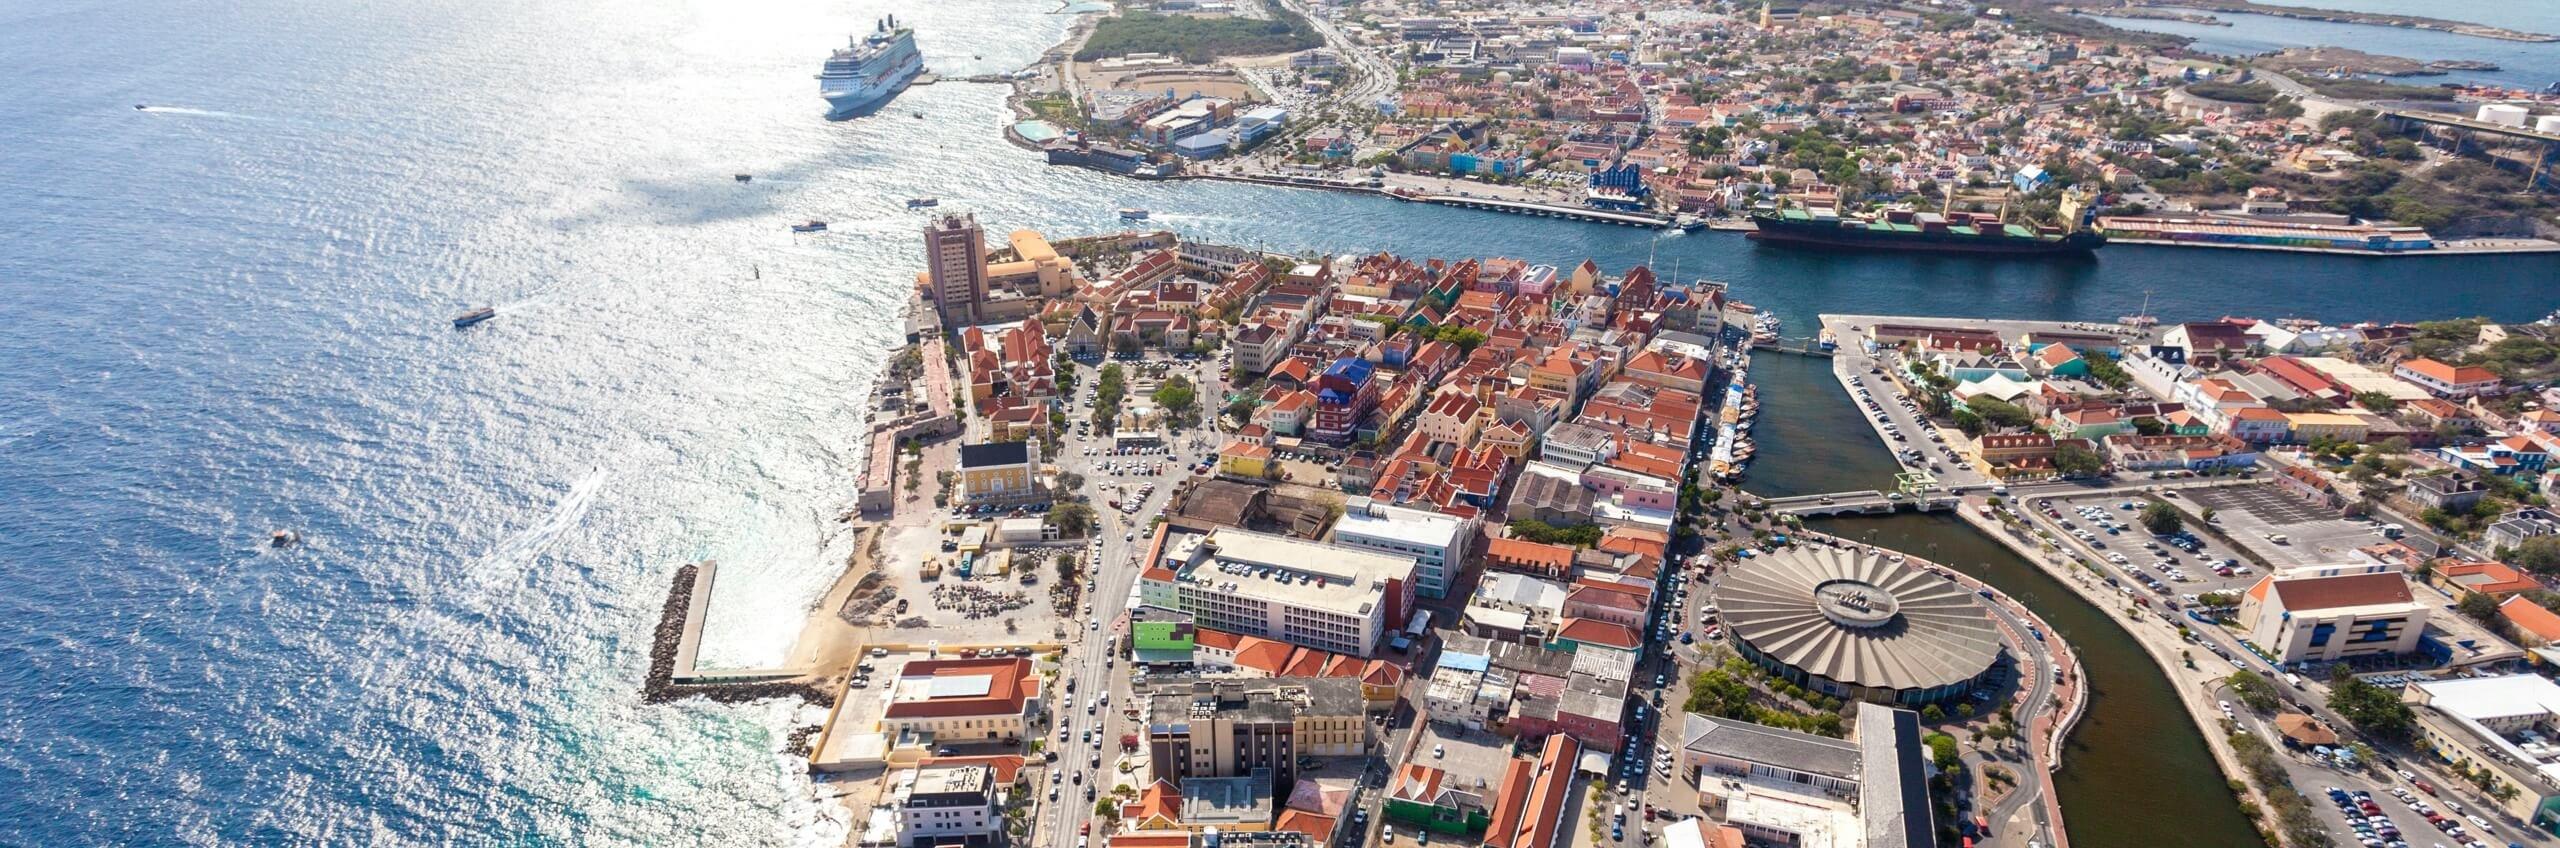 Heritage Plaza Consortium gaat Plaza Hotel Curaçao herontwikkelen